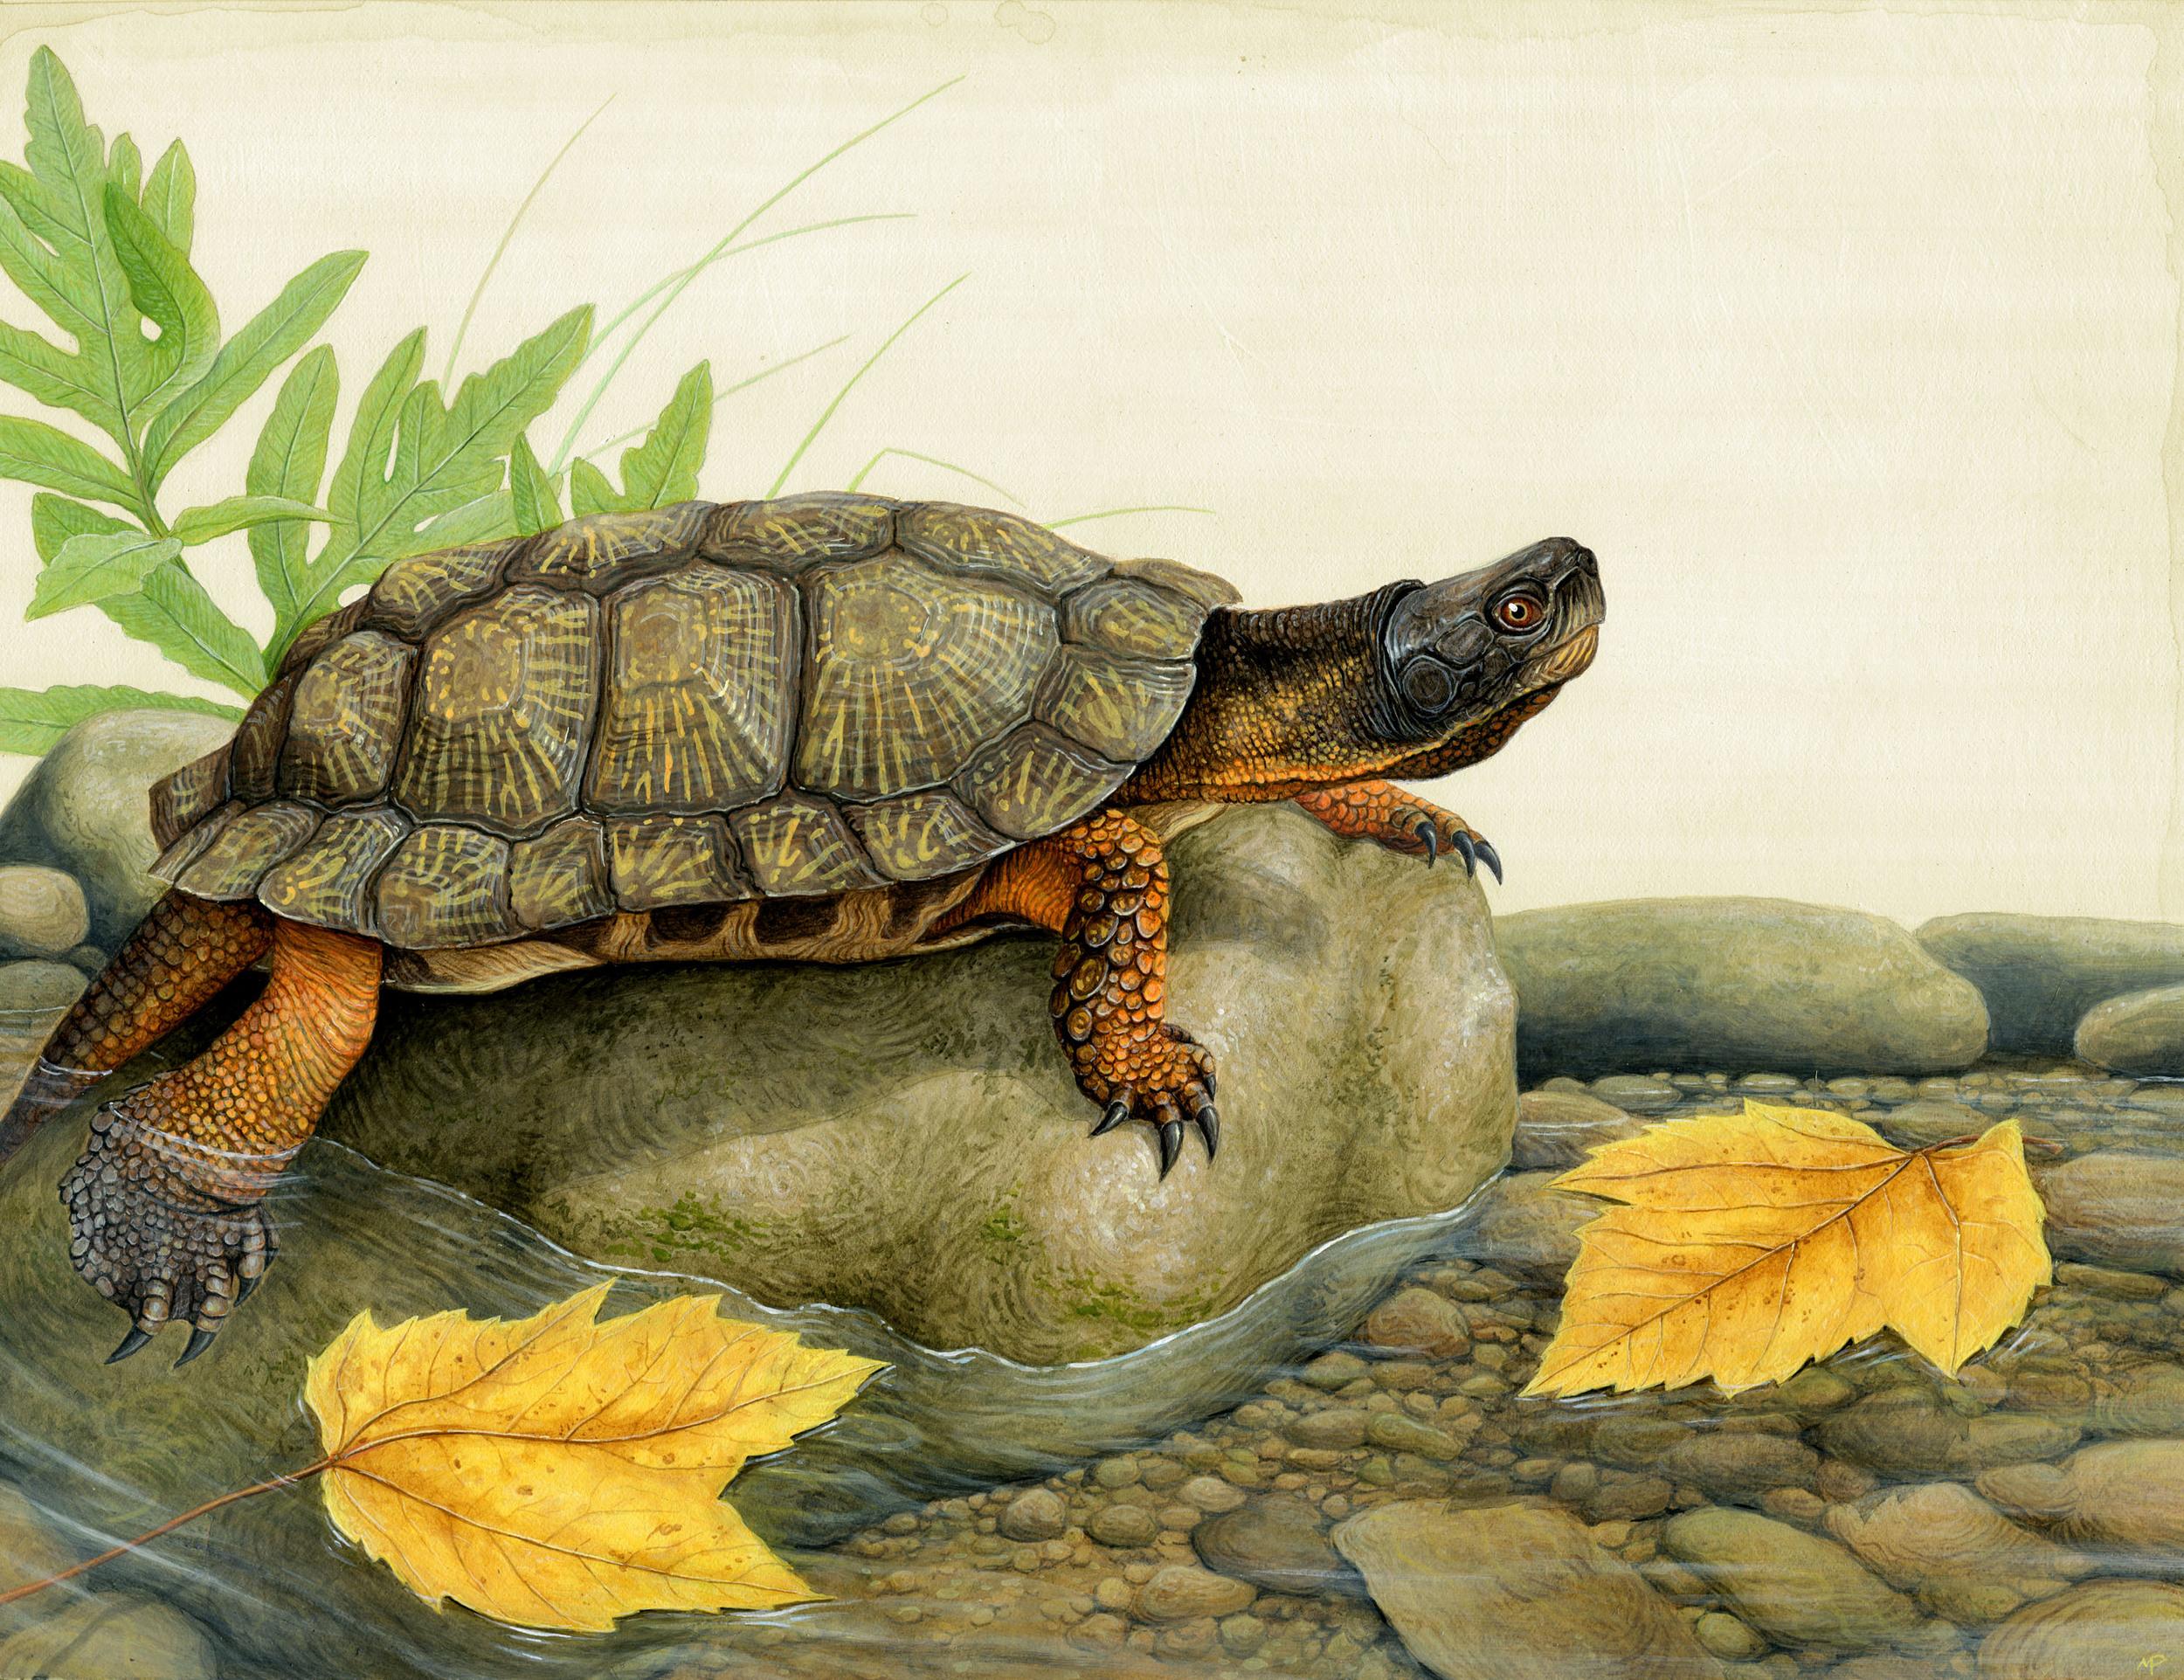 Basking Wood Turtle